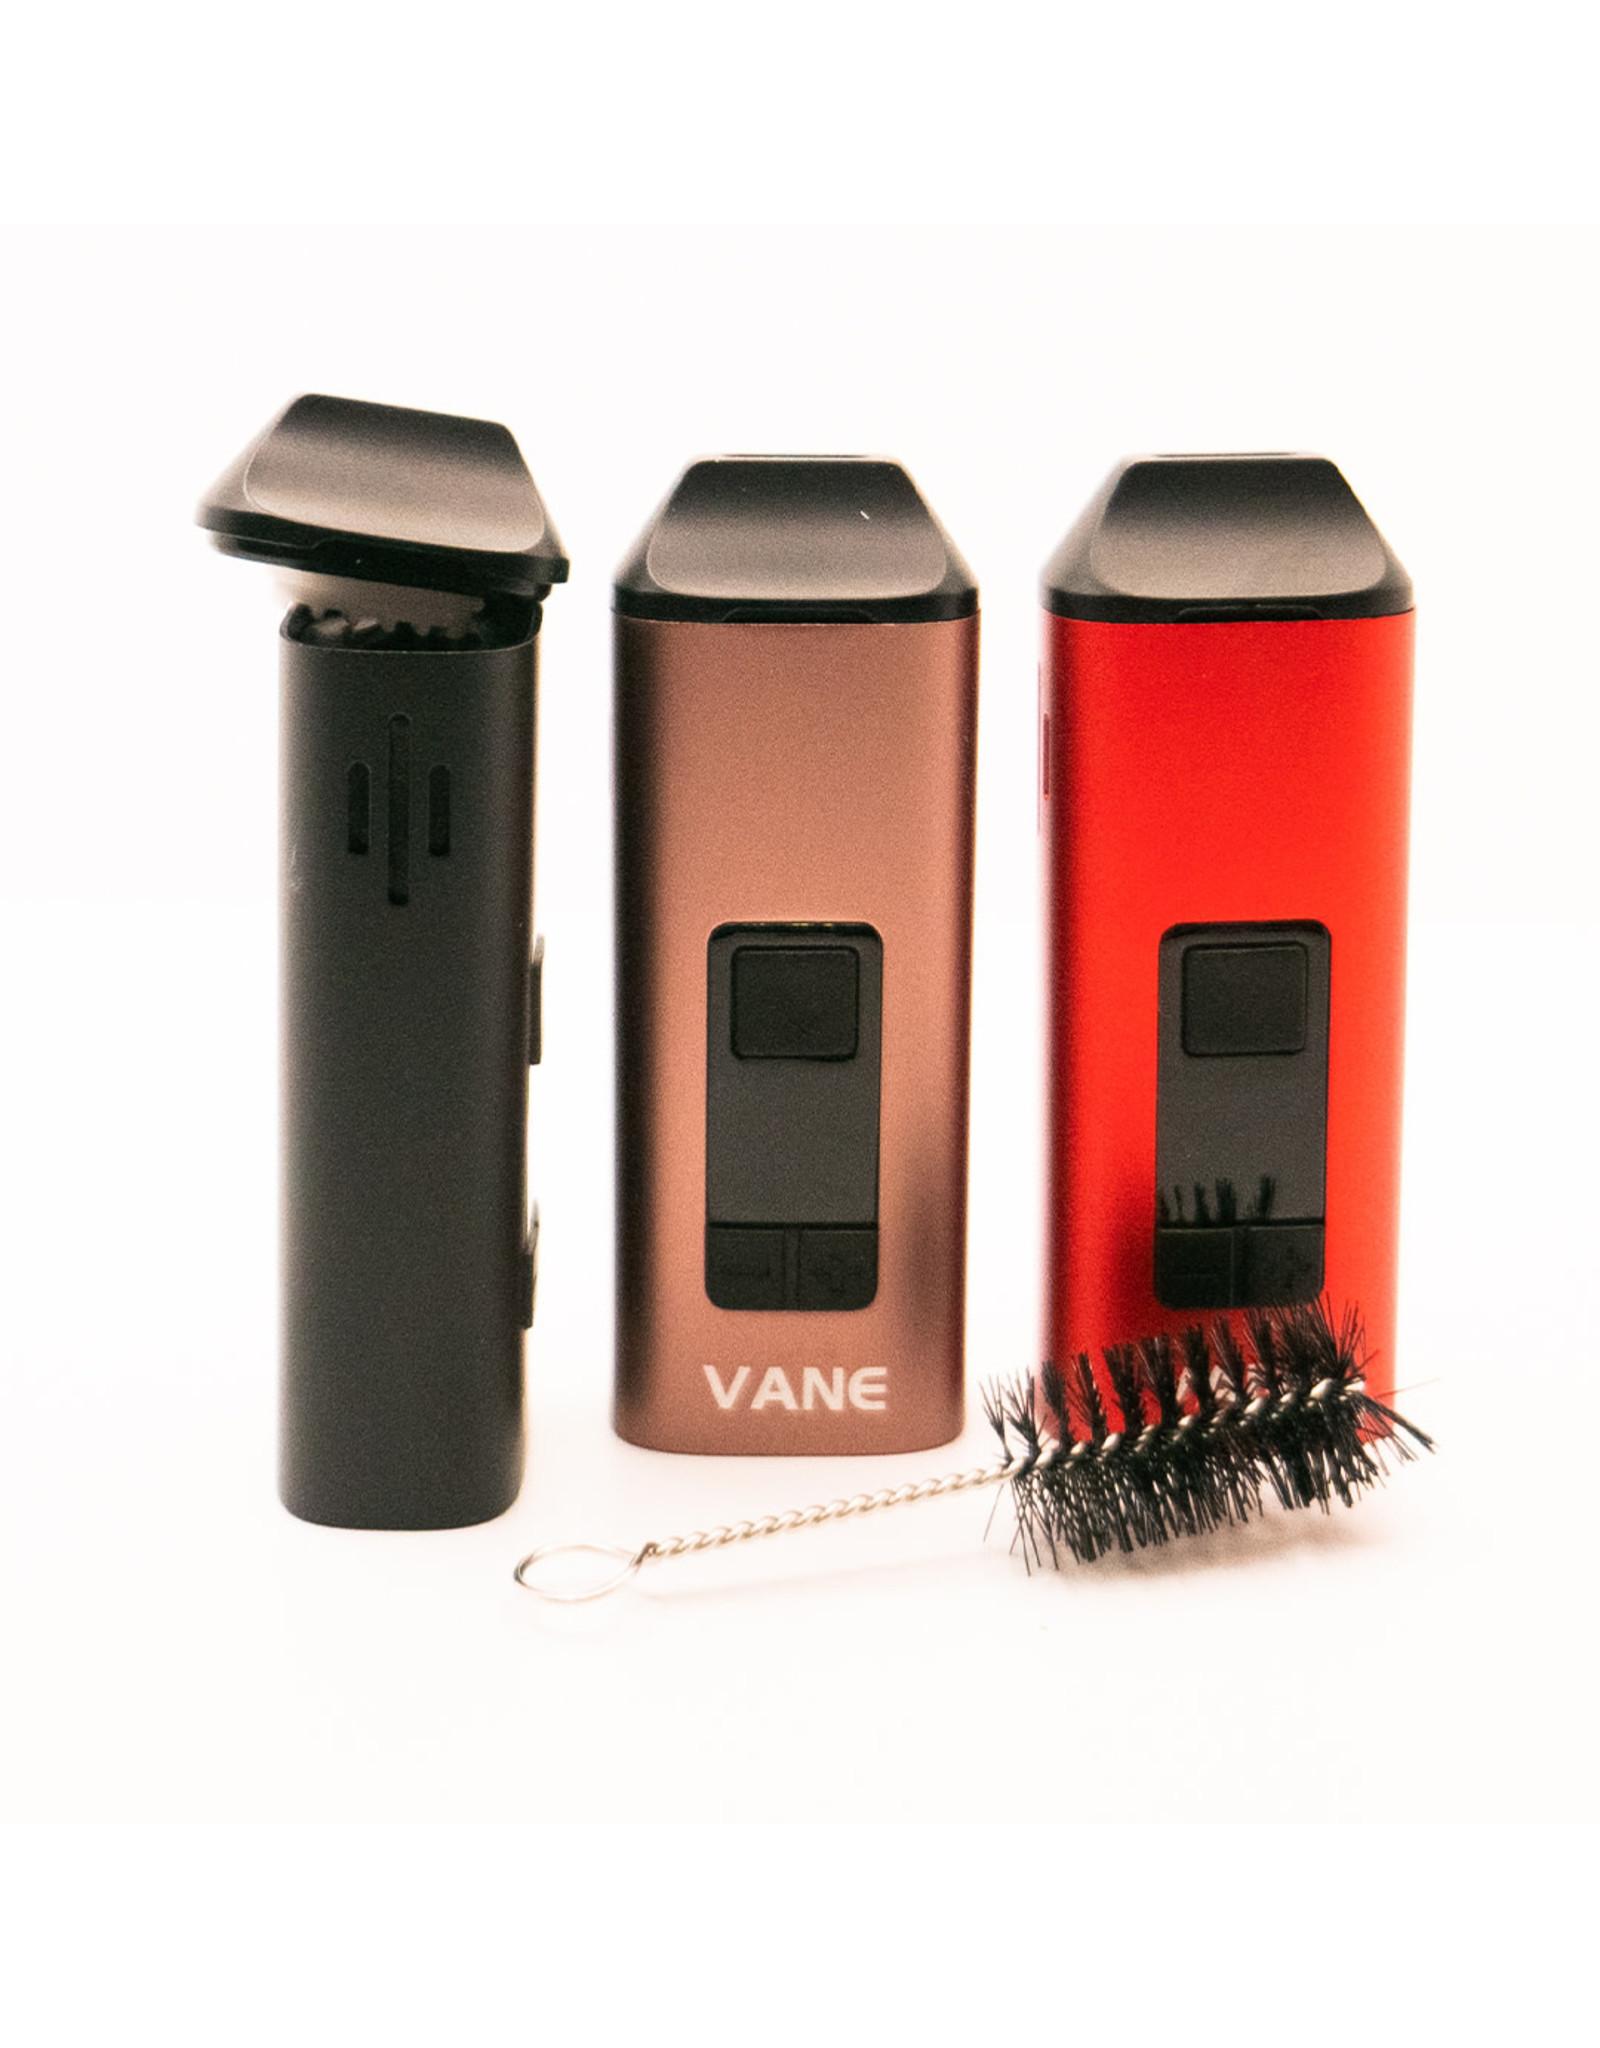 Yocan Yocan: Vane Kit-